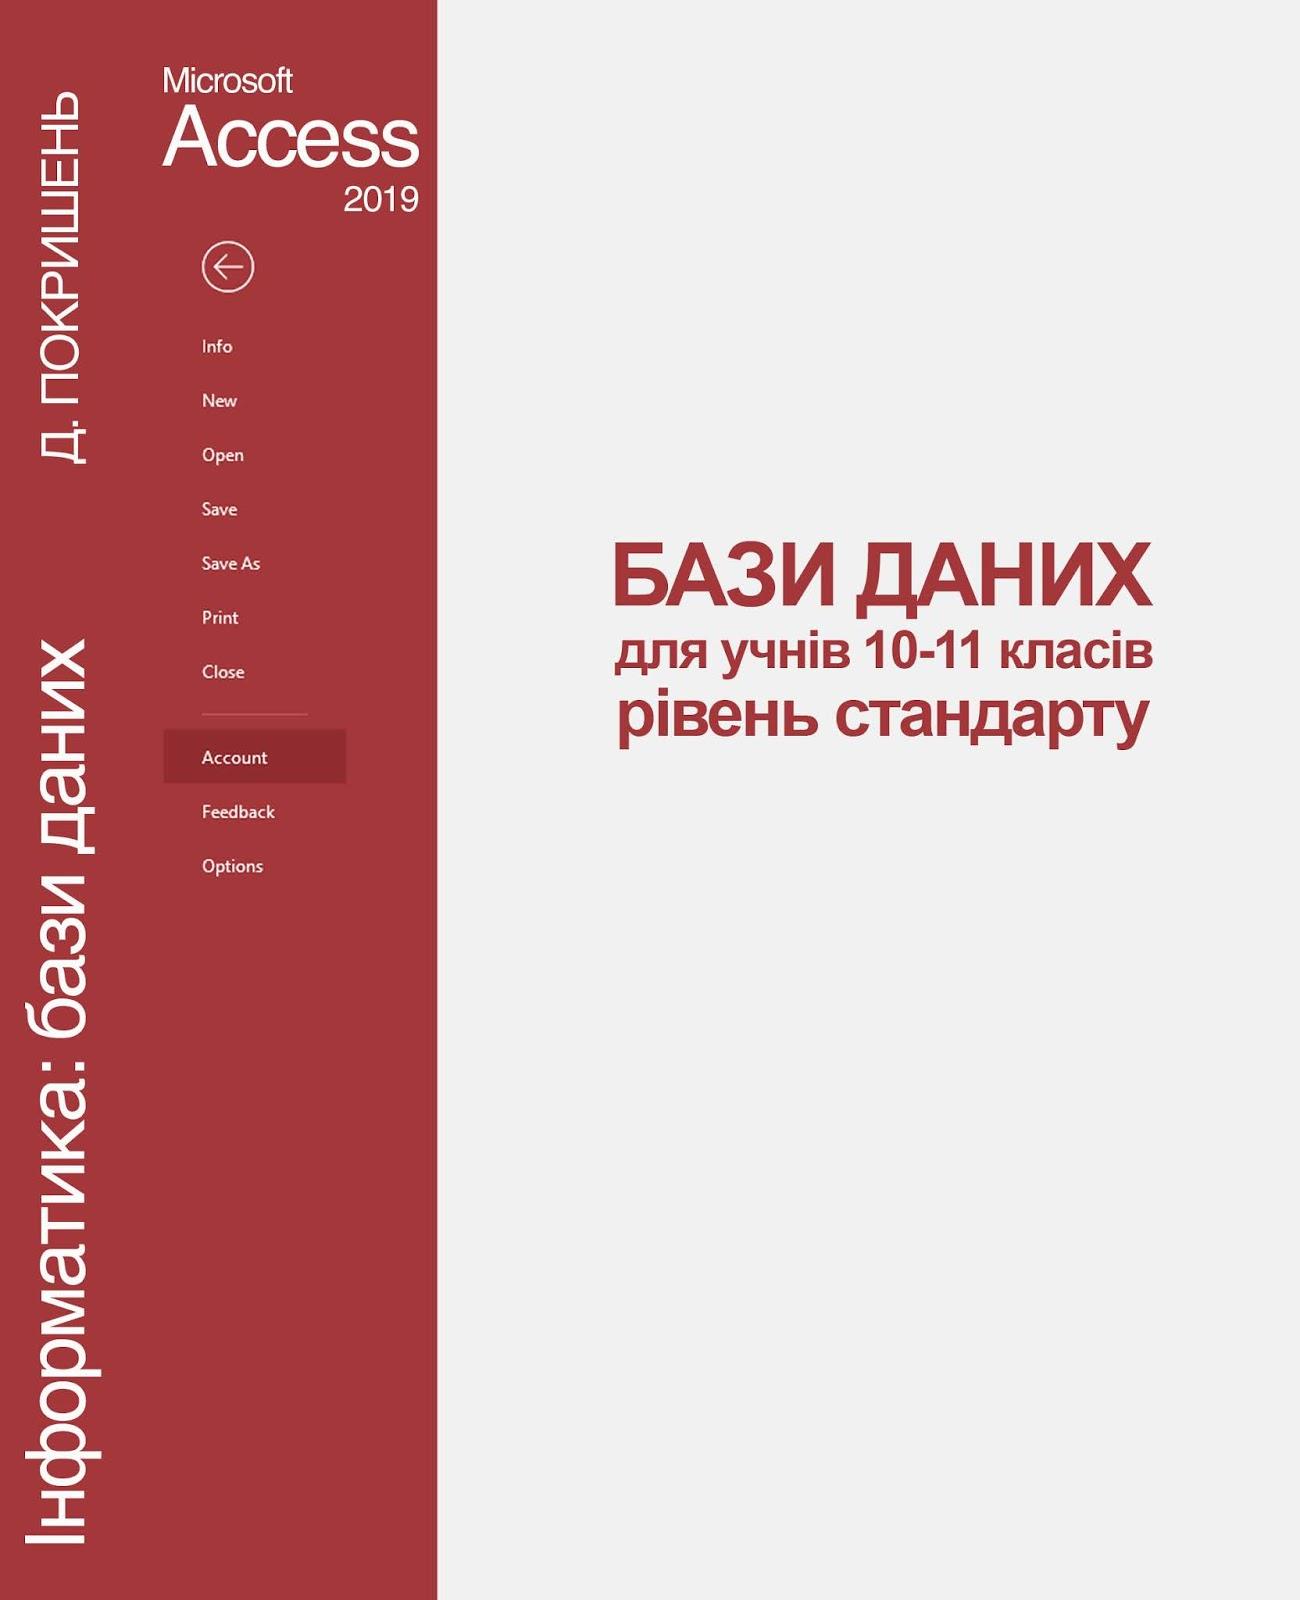 Інформатика: бази даних (модуль для учнів 10-11 класів, рівень стандарту)